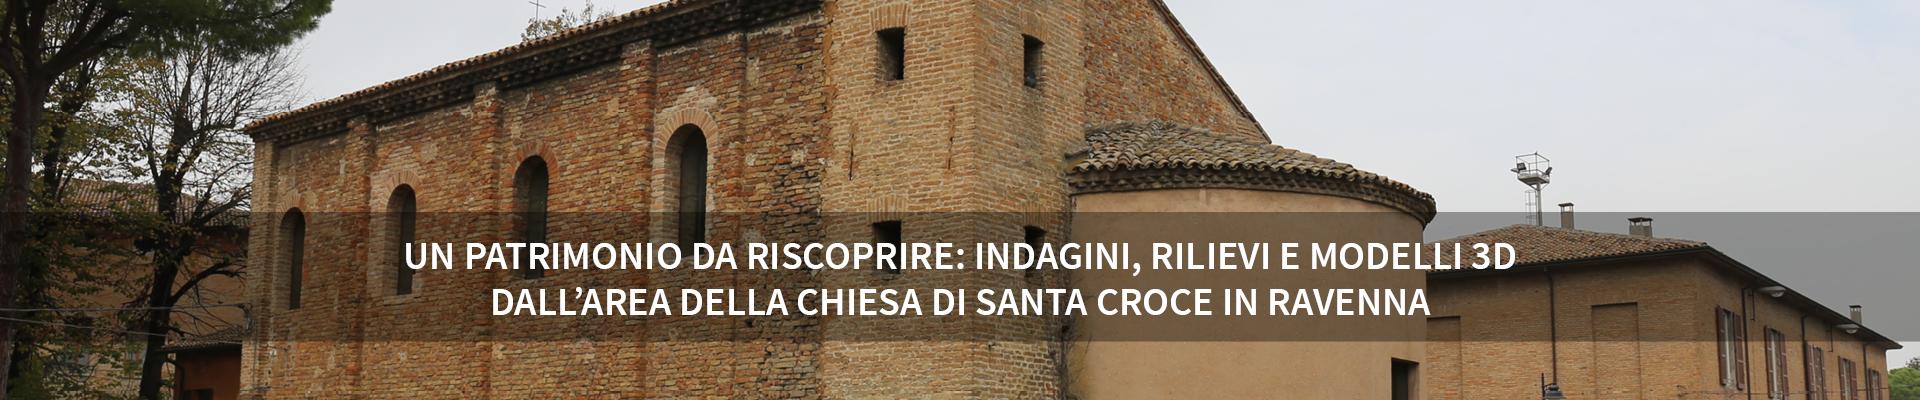 Un patrimonio da riscoprire: indagini, rilievi e modelli 3D dall'area della Chiesa di Santa Croce in Ravenna (progetto SHELTER) -